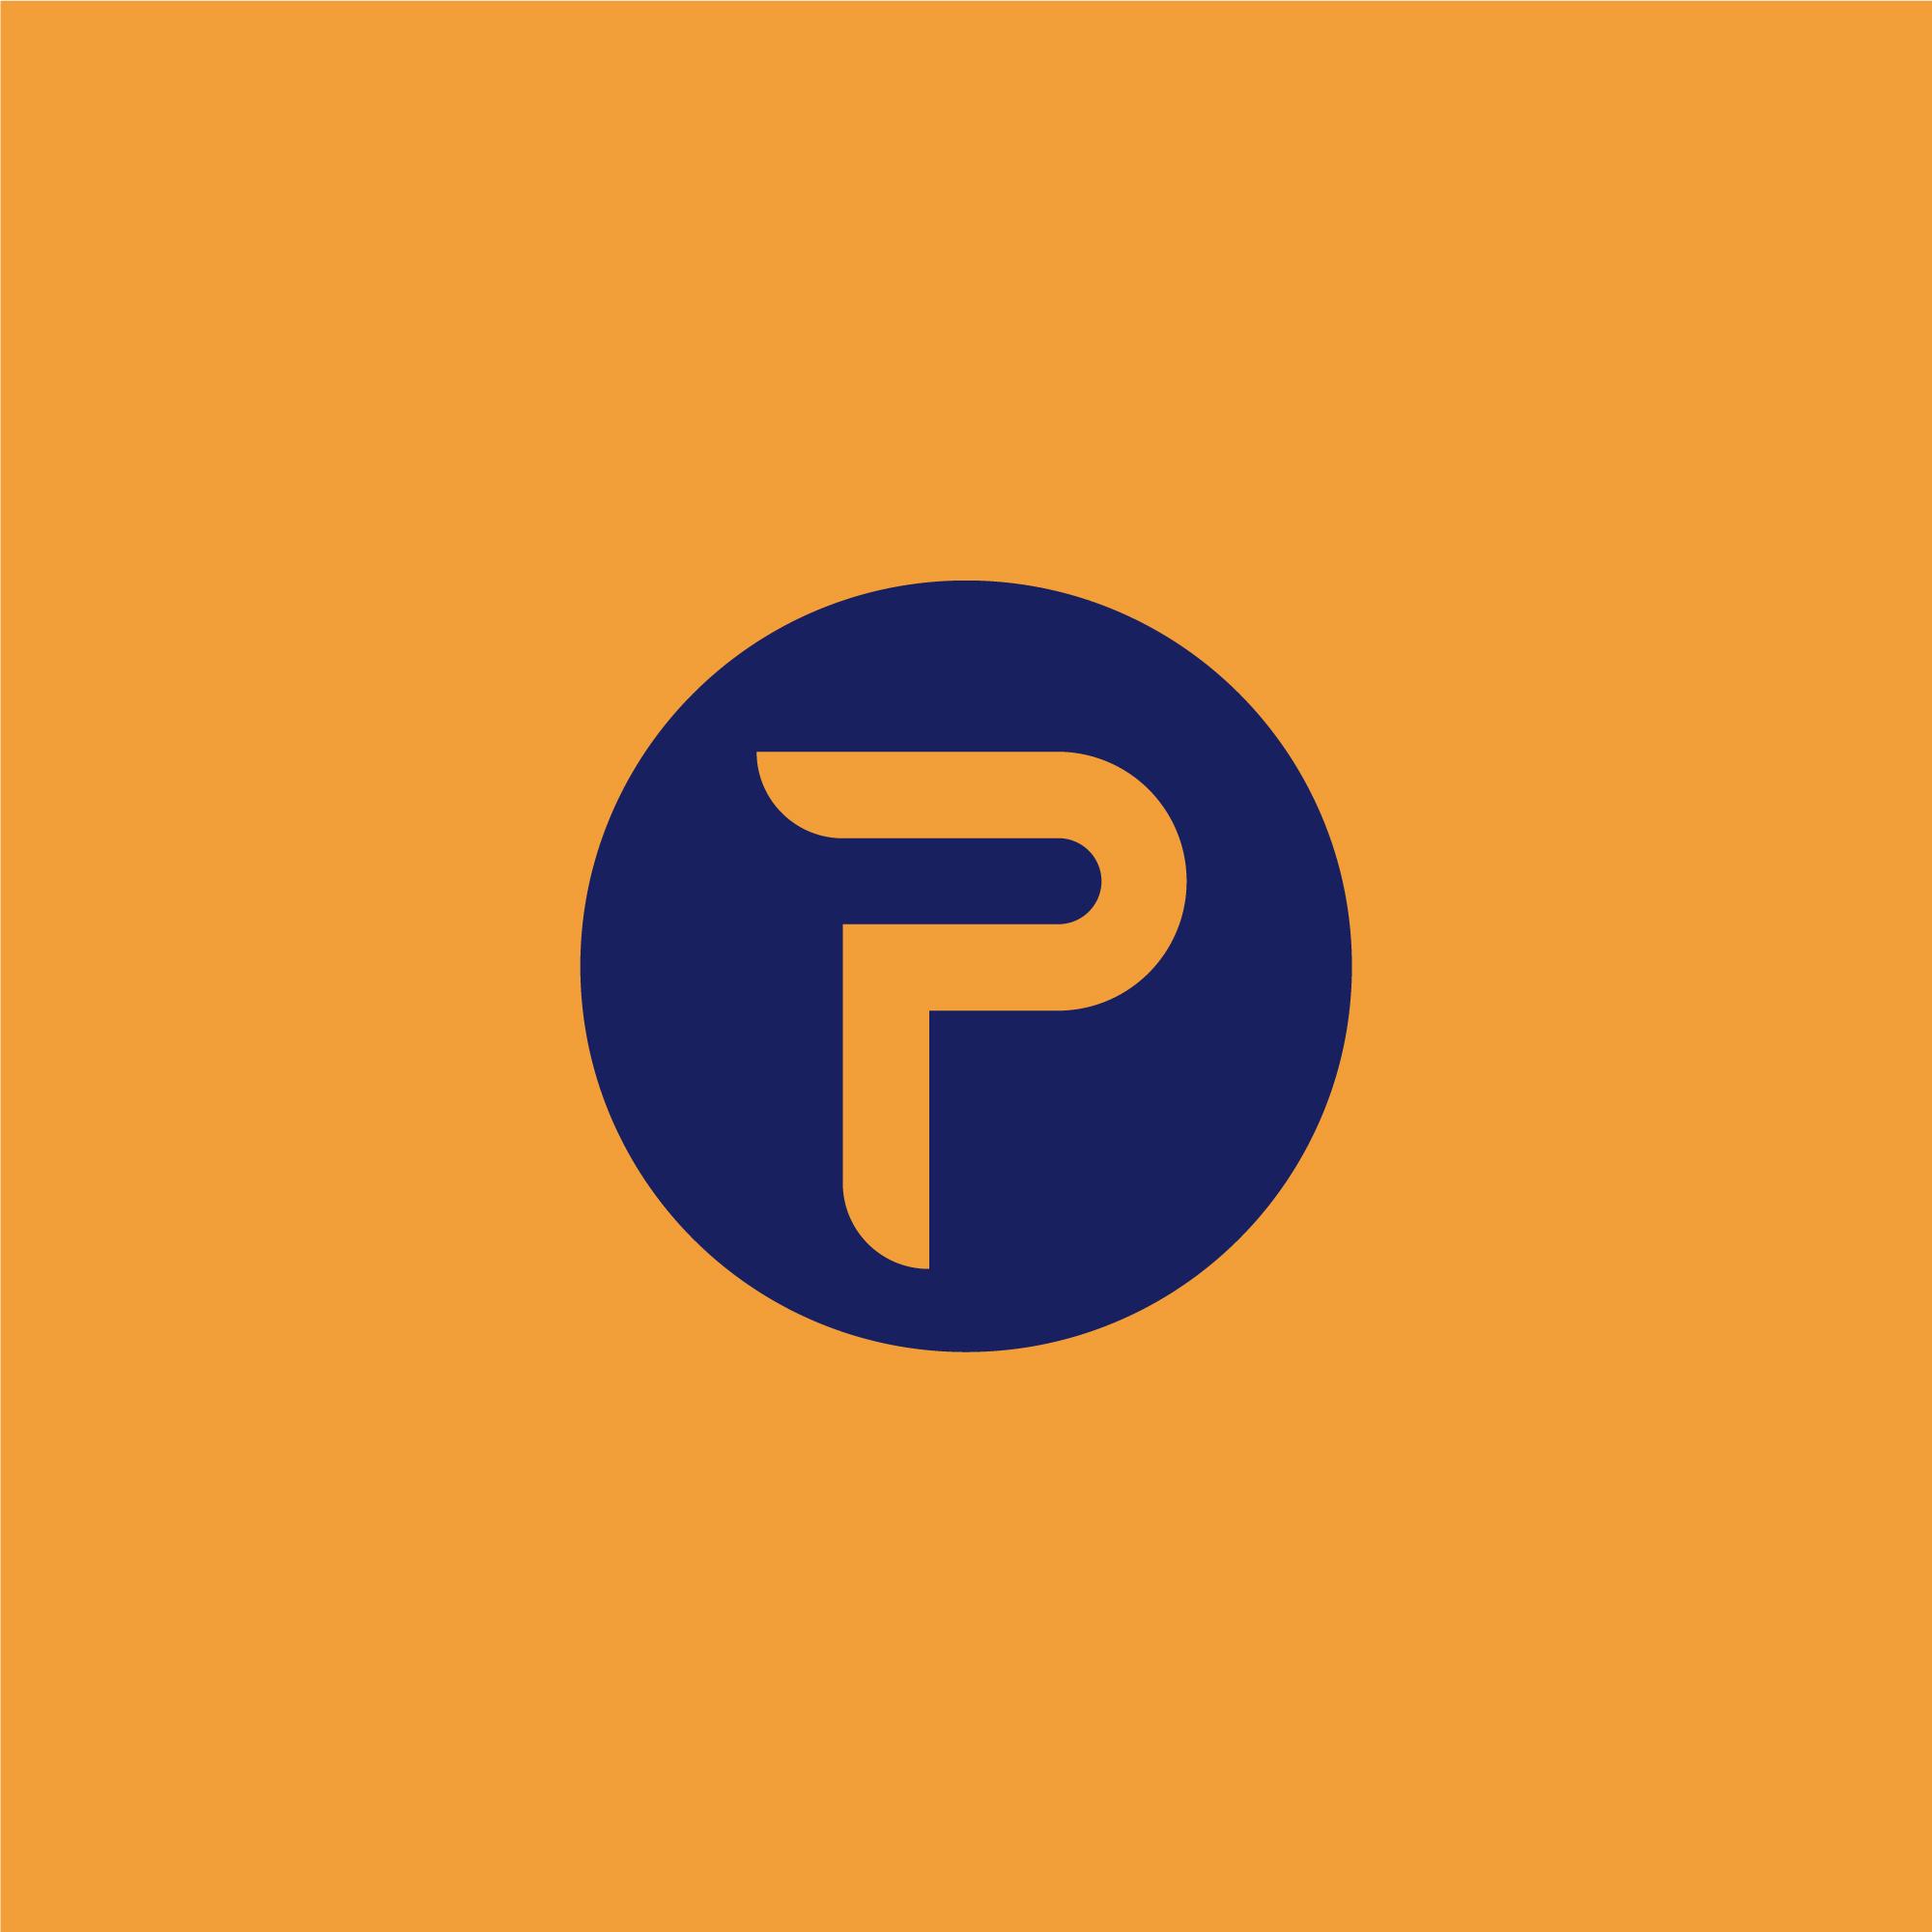 شعار تطبيق ping shop